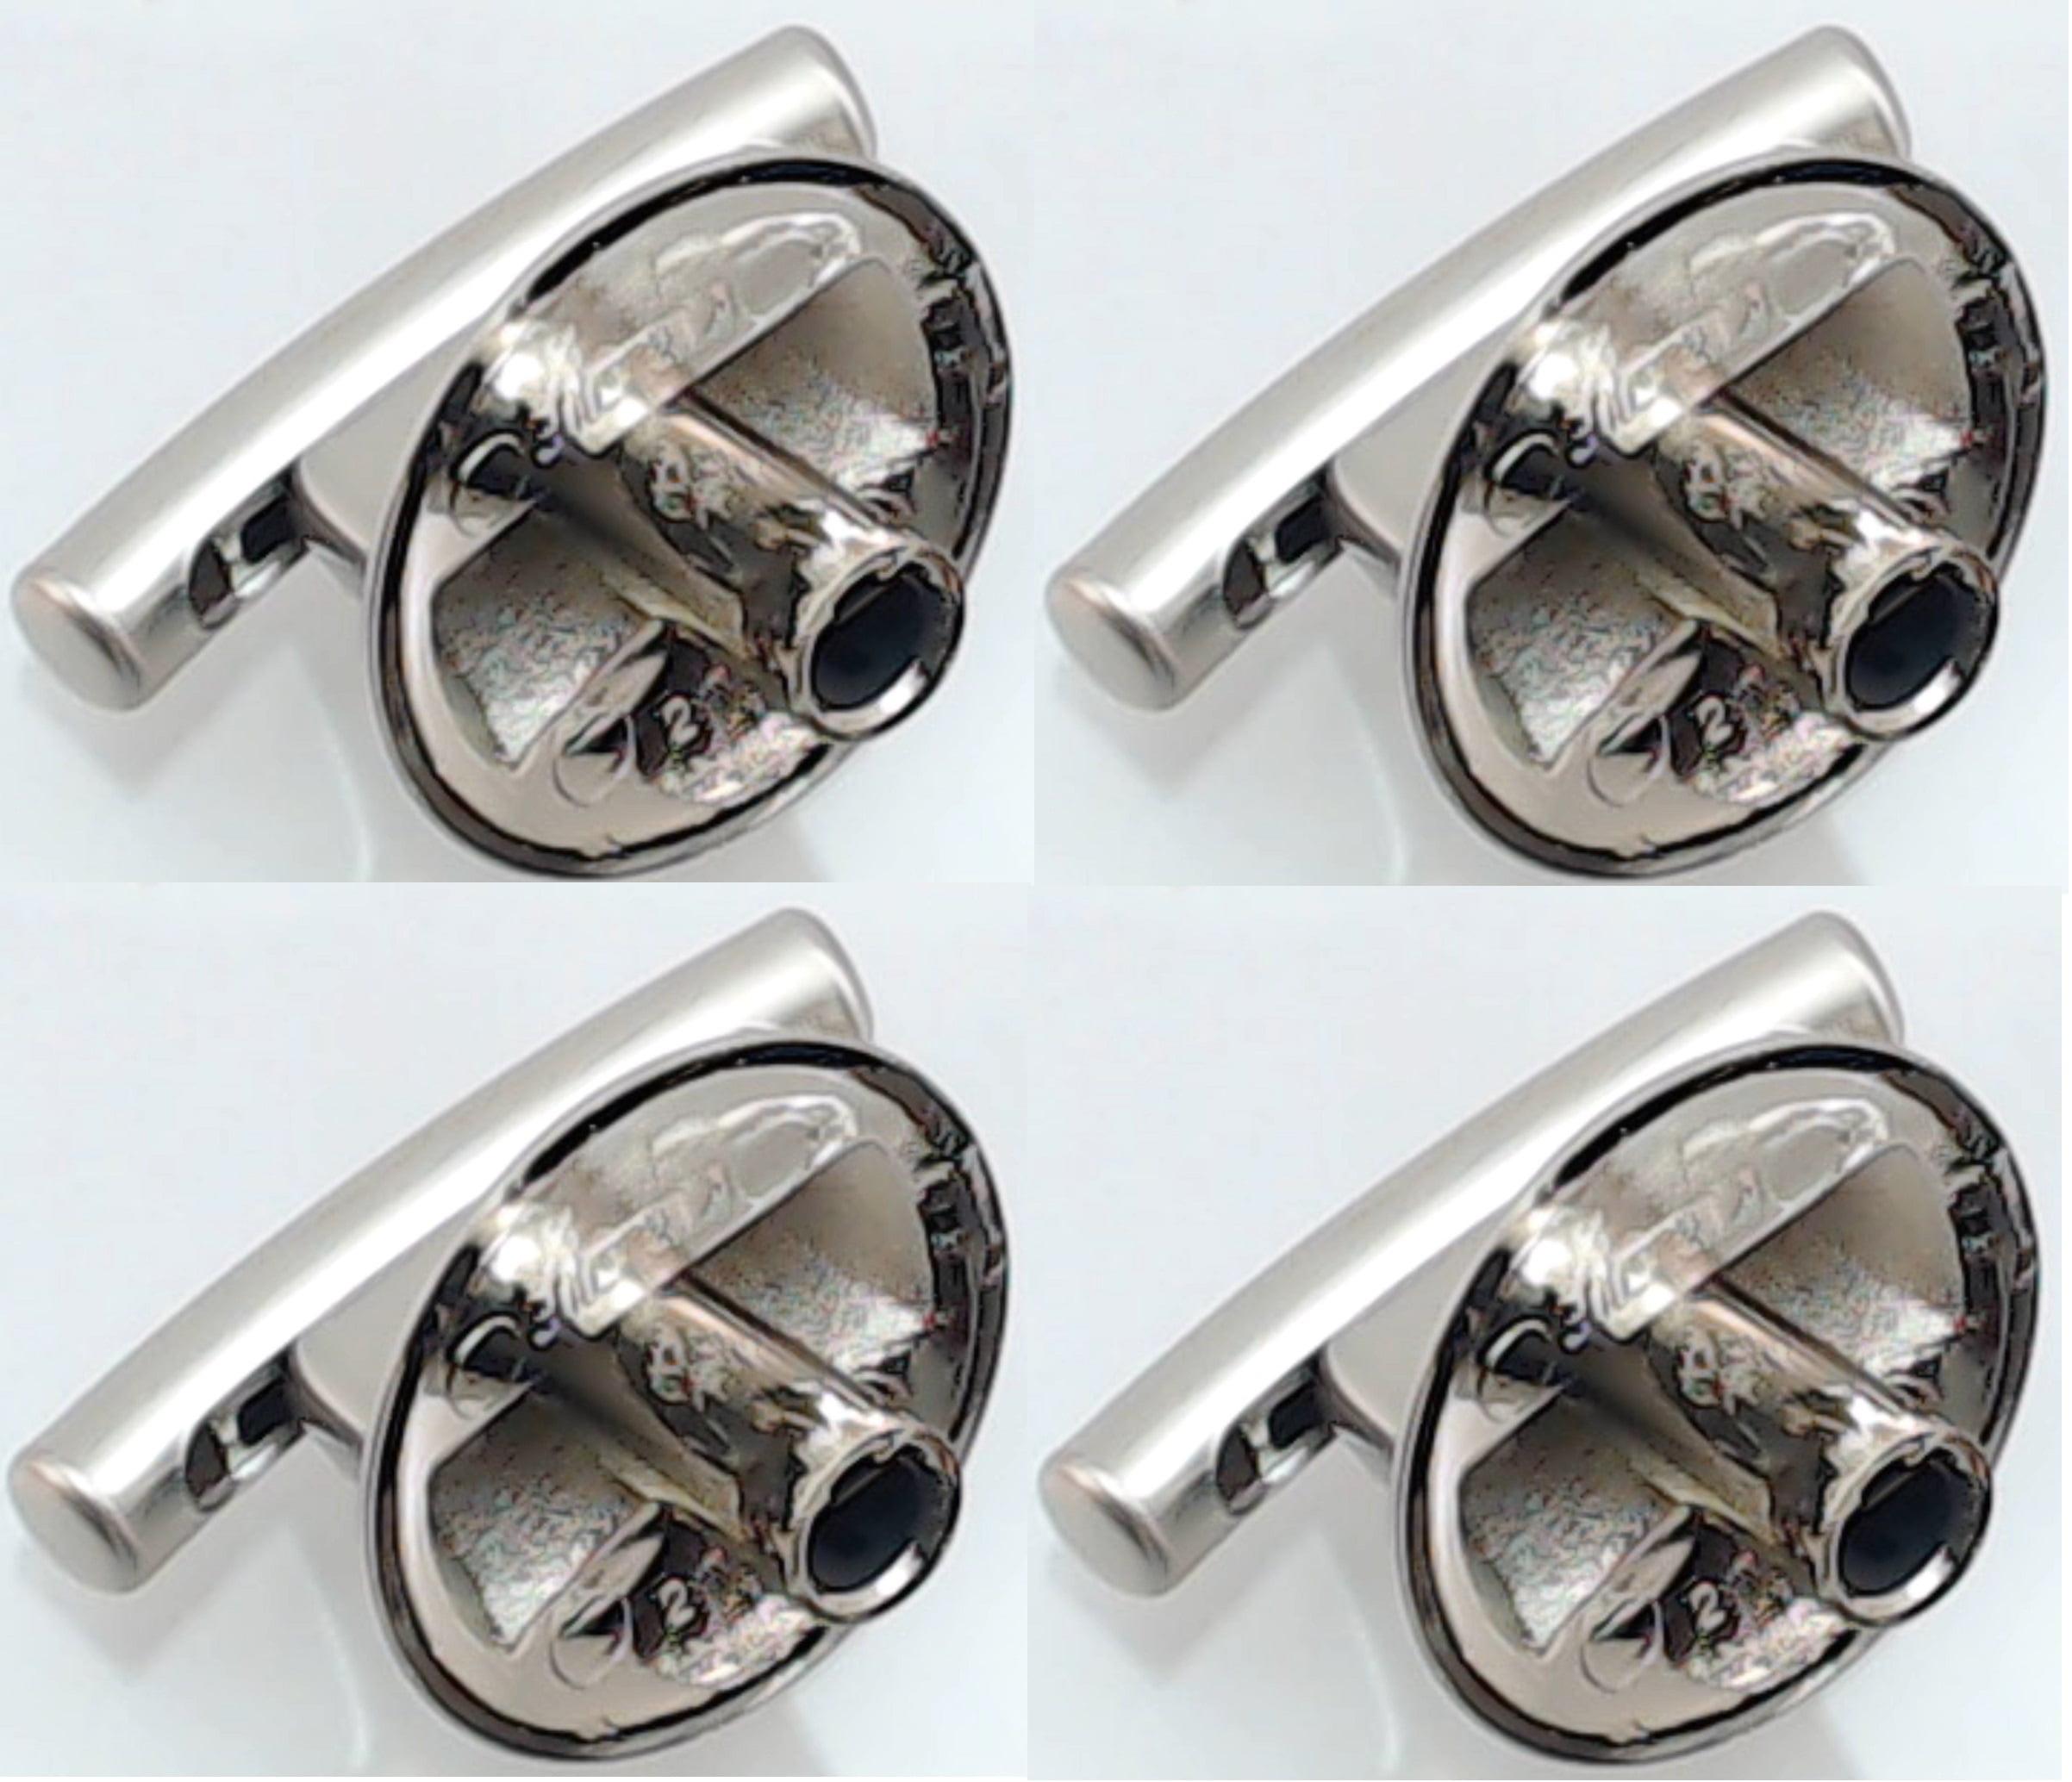 7737P245-60 Surface Burner Knob,4-Pack for Maytag Jenn-Air PS2375886 AP5670739